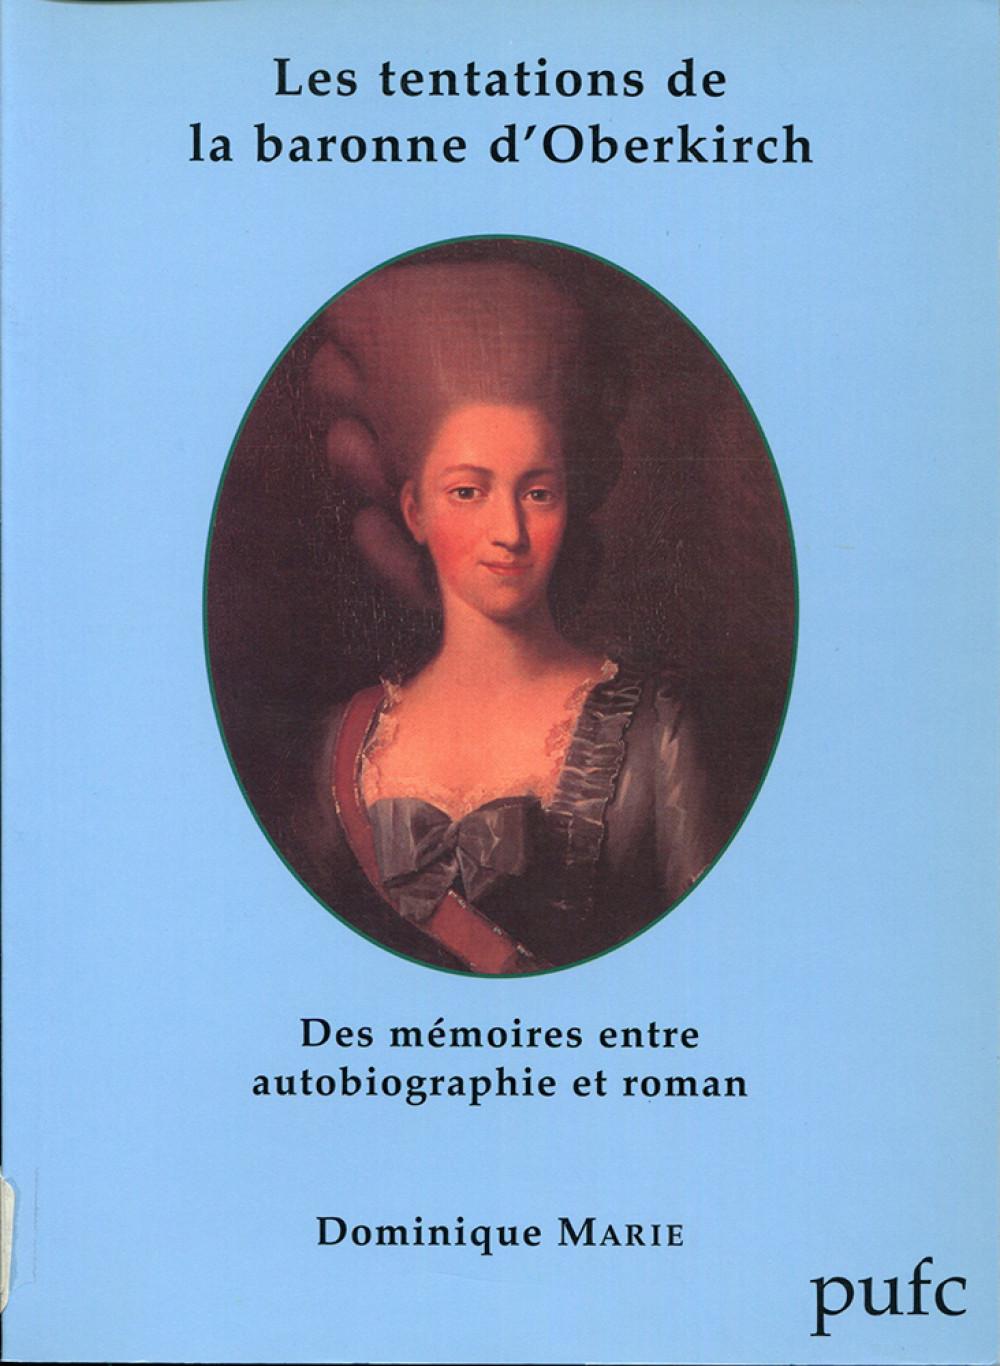 Les tentations de la baronne d'Oberkirch